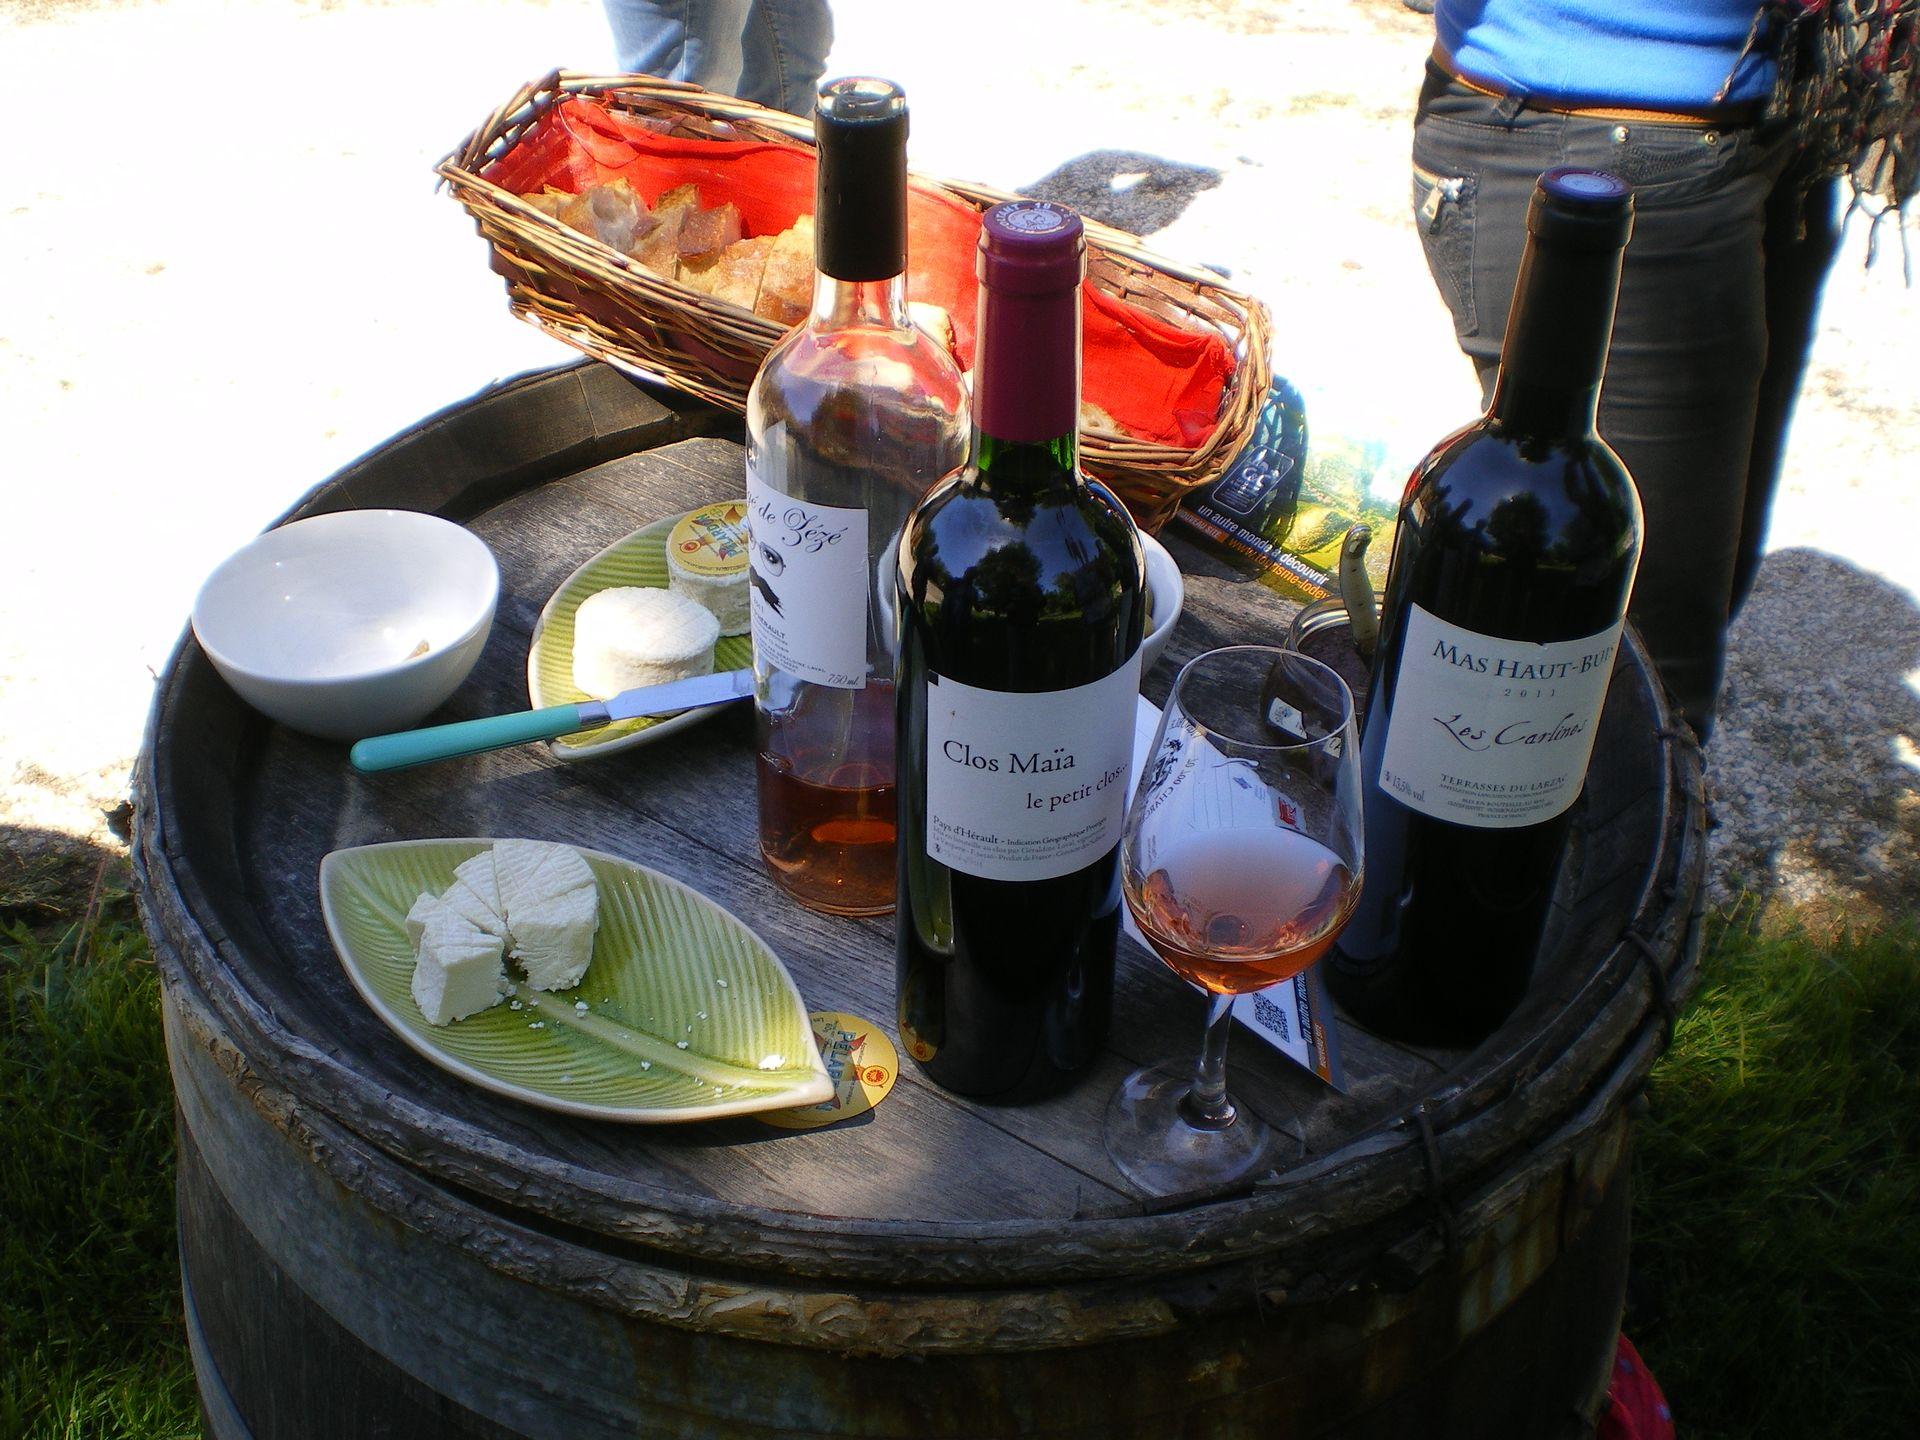 Tonneau présentant fromages et vins au cours d'une balade vigneronne en Lodévois